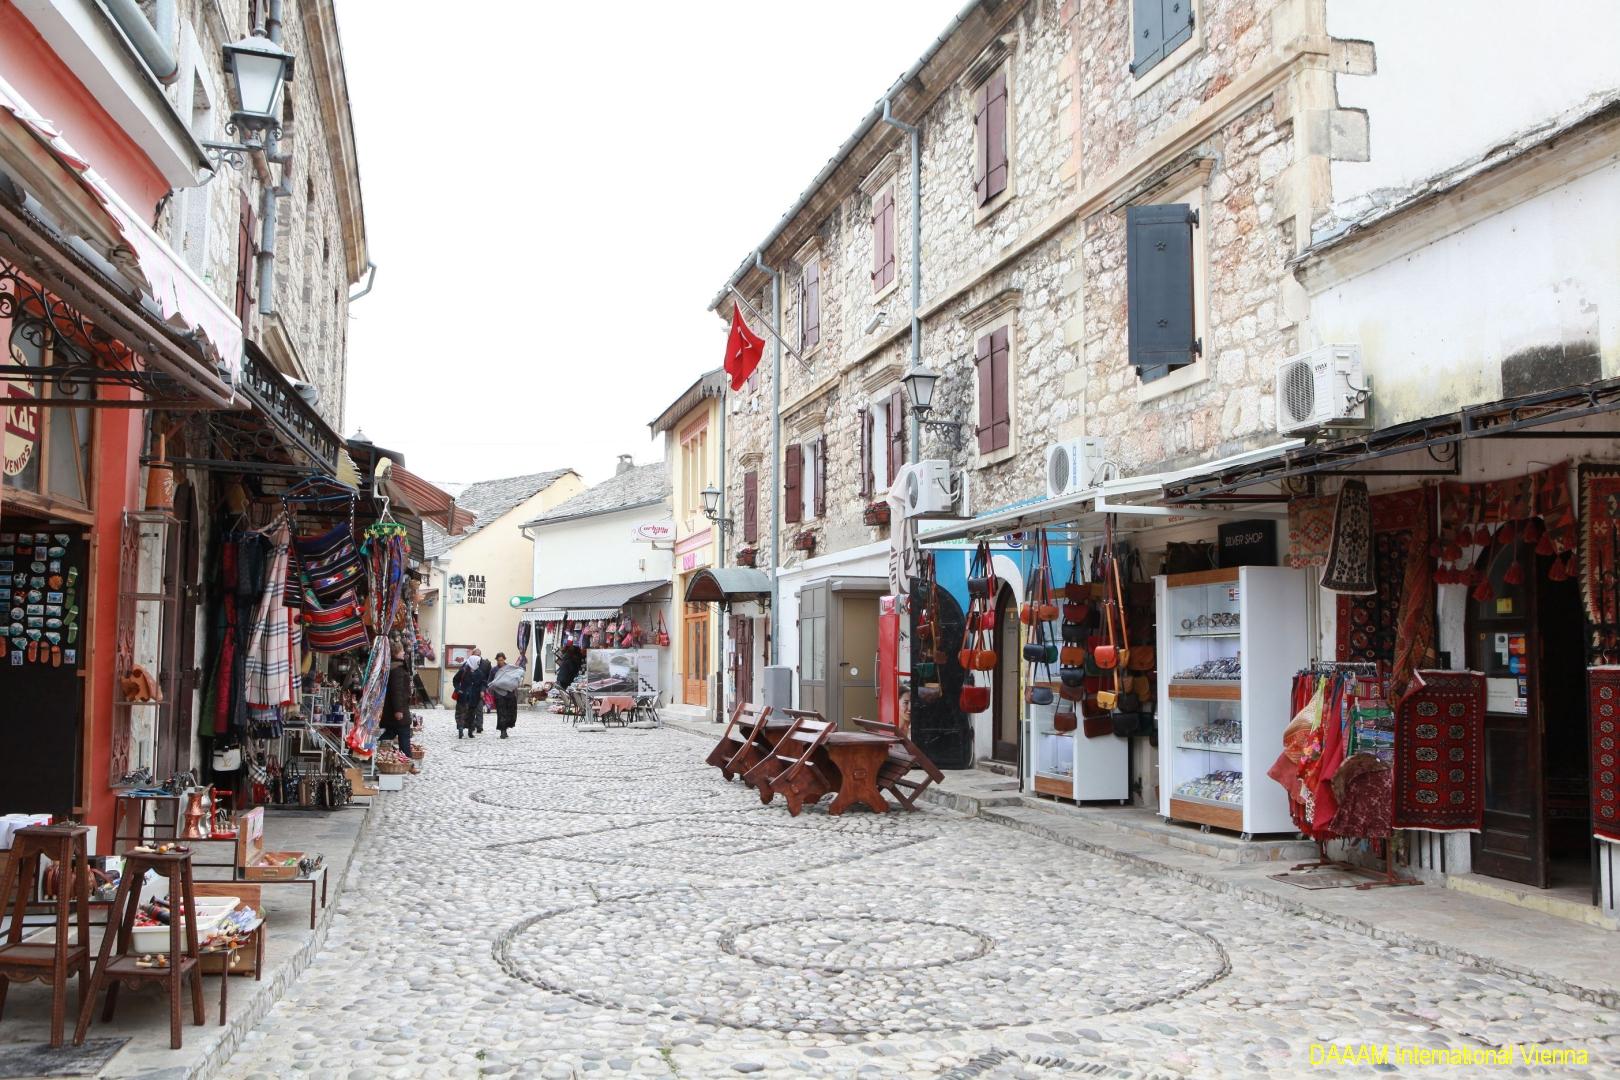 DAAAM_2016_Mostar_01_Magic_City_of_Mostar_112